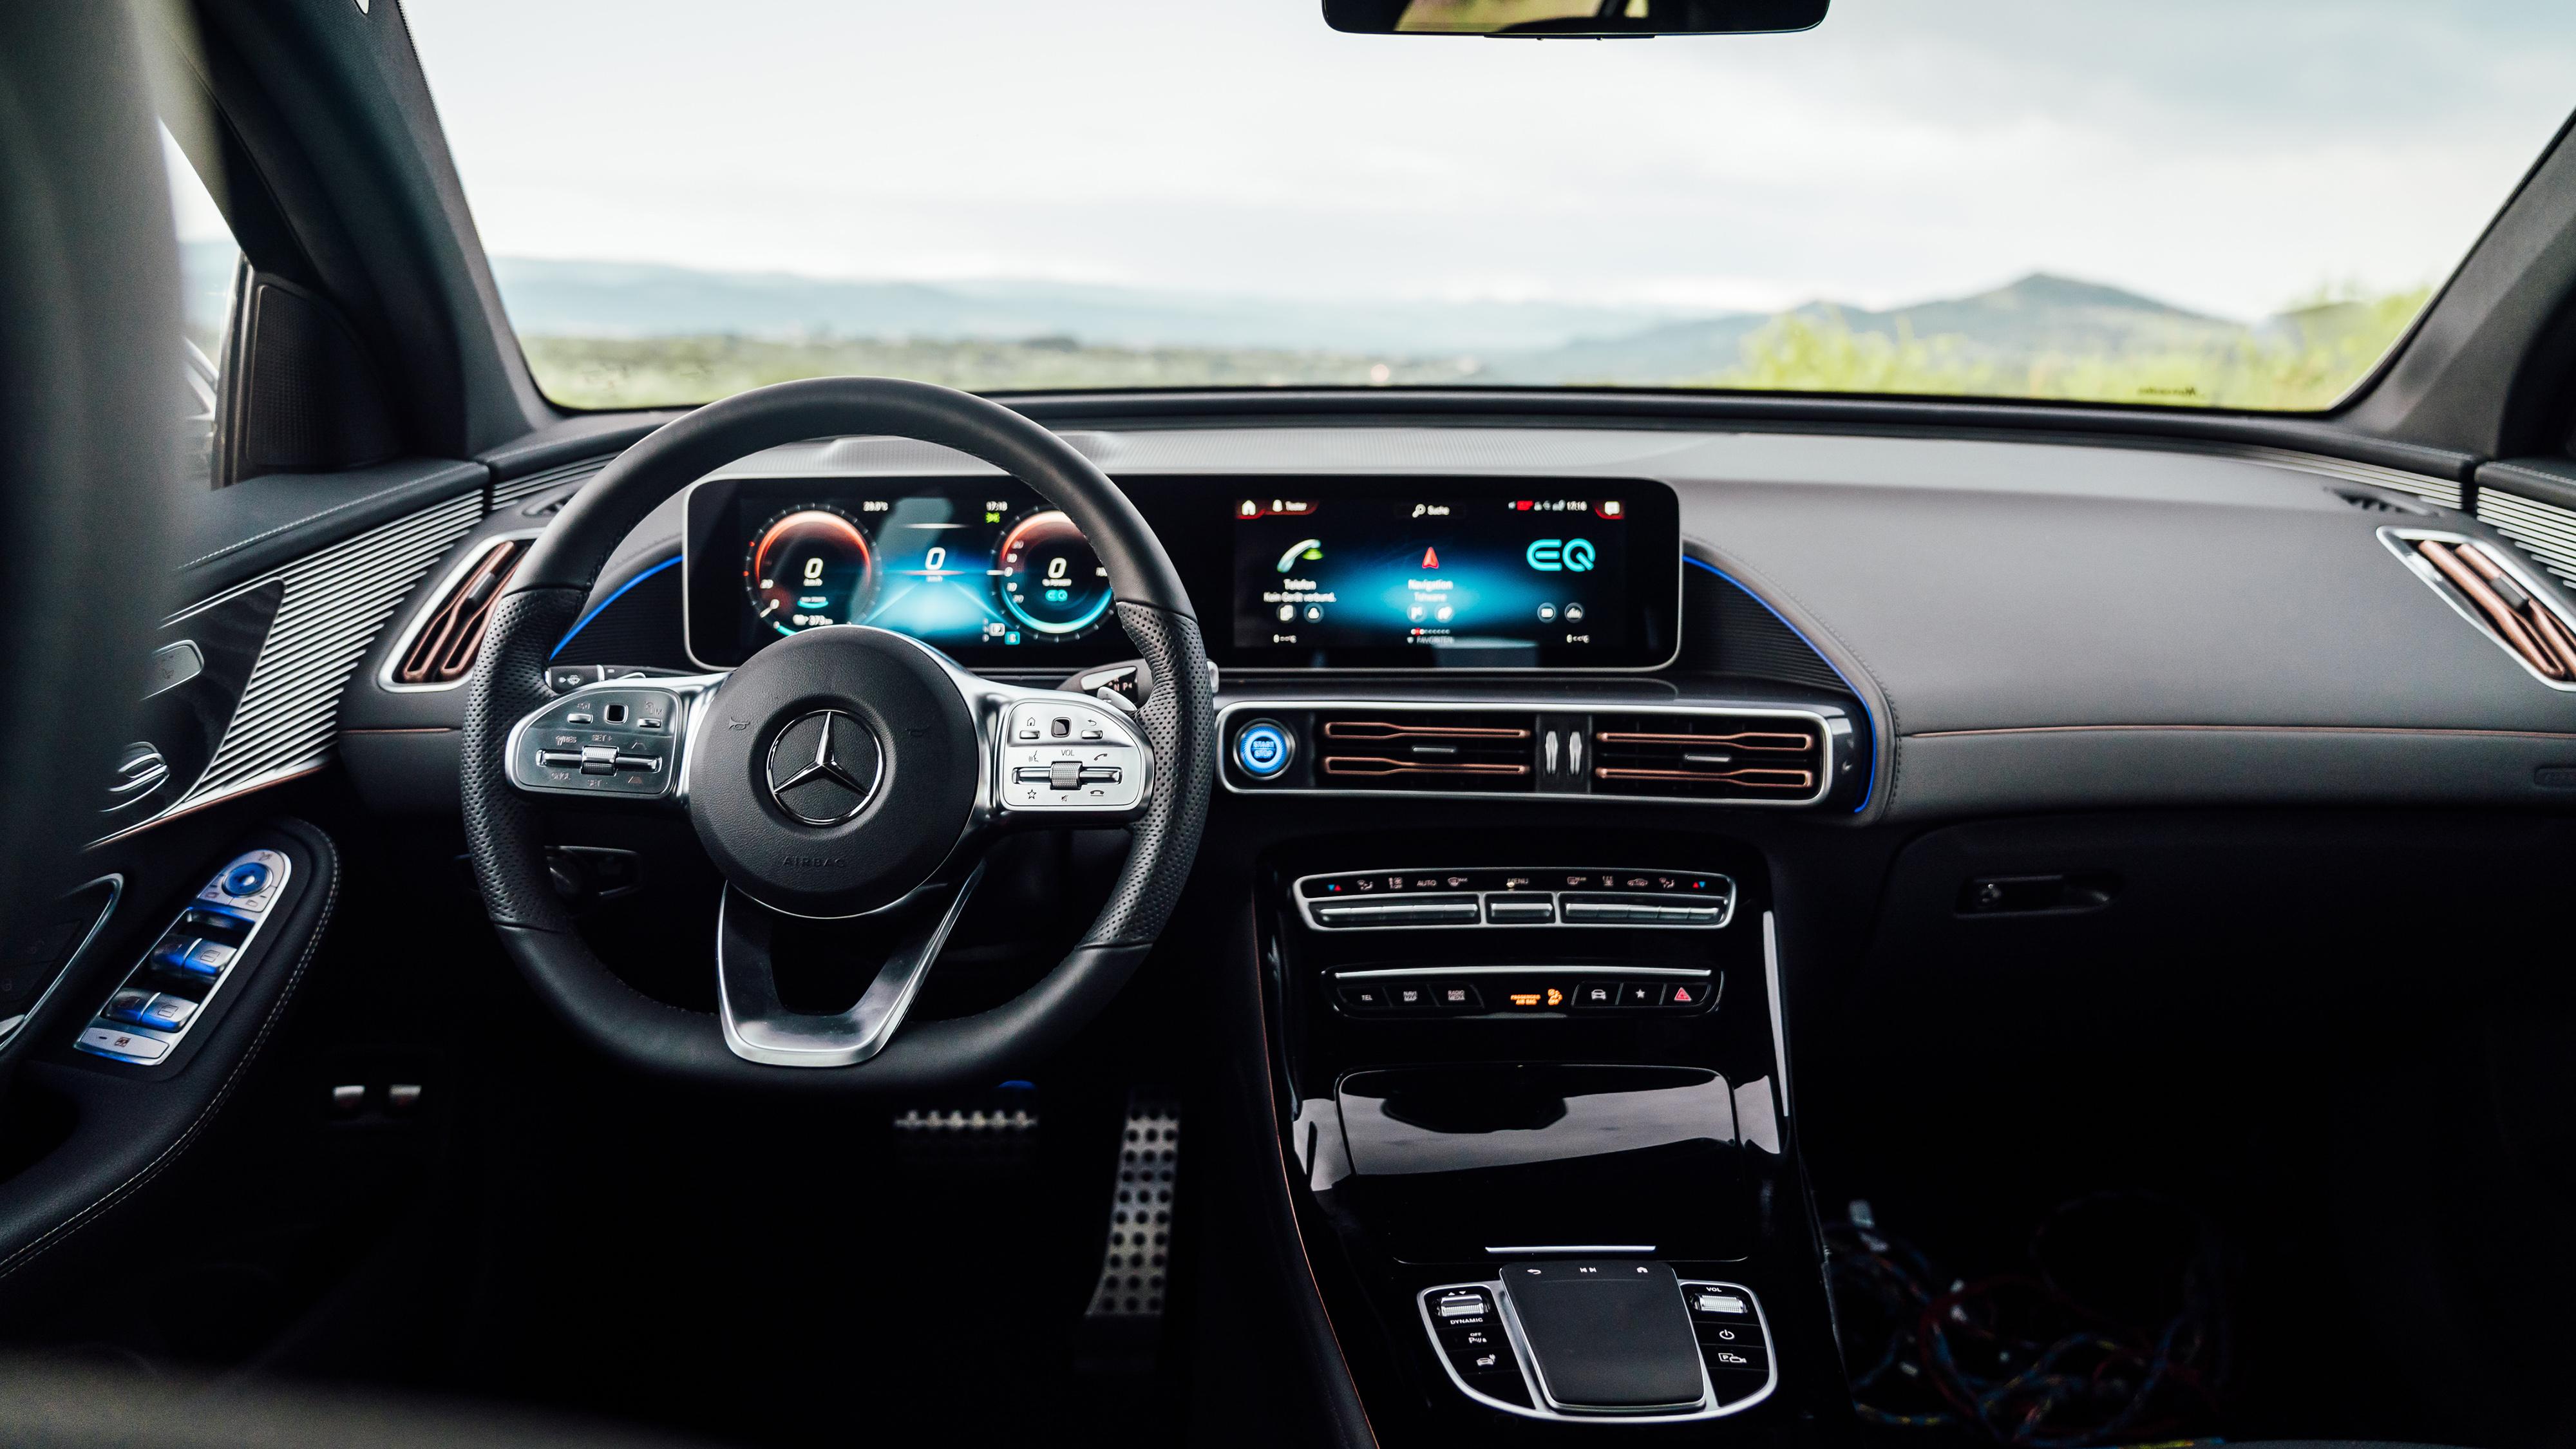 Mercedes Benz EQC 400 4MATIC AMG Line 2019 4K Interior Wallpaper 4000x2250